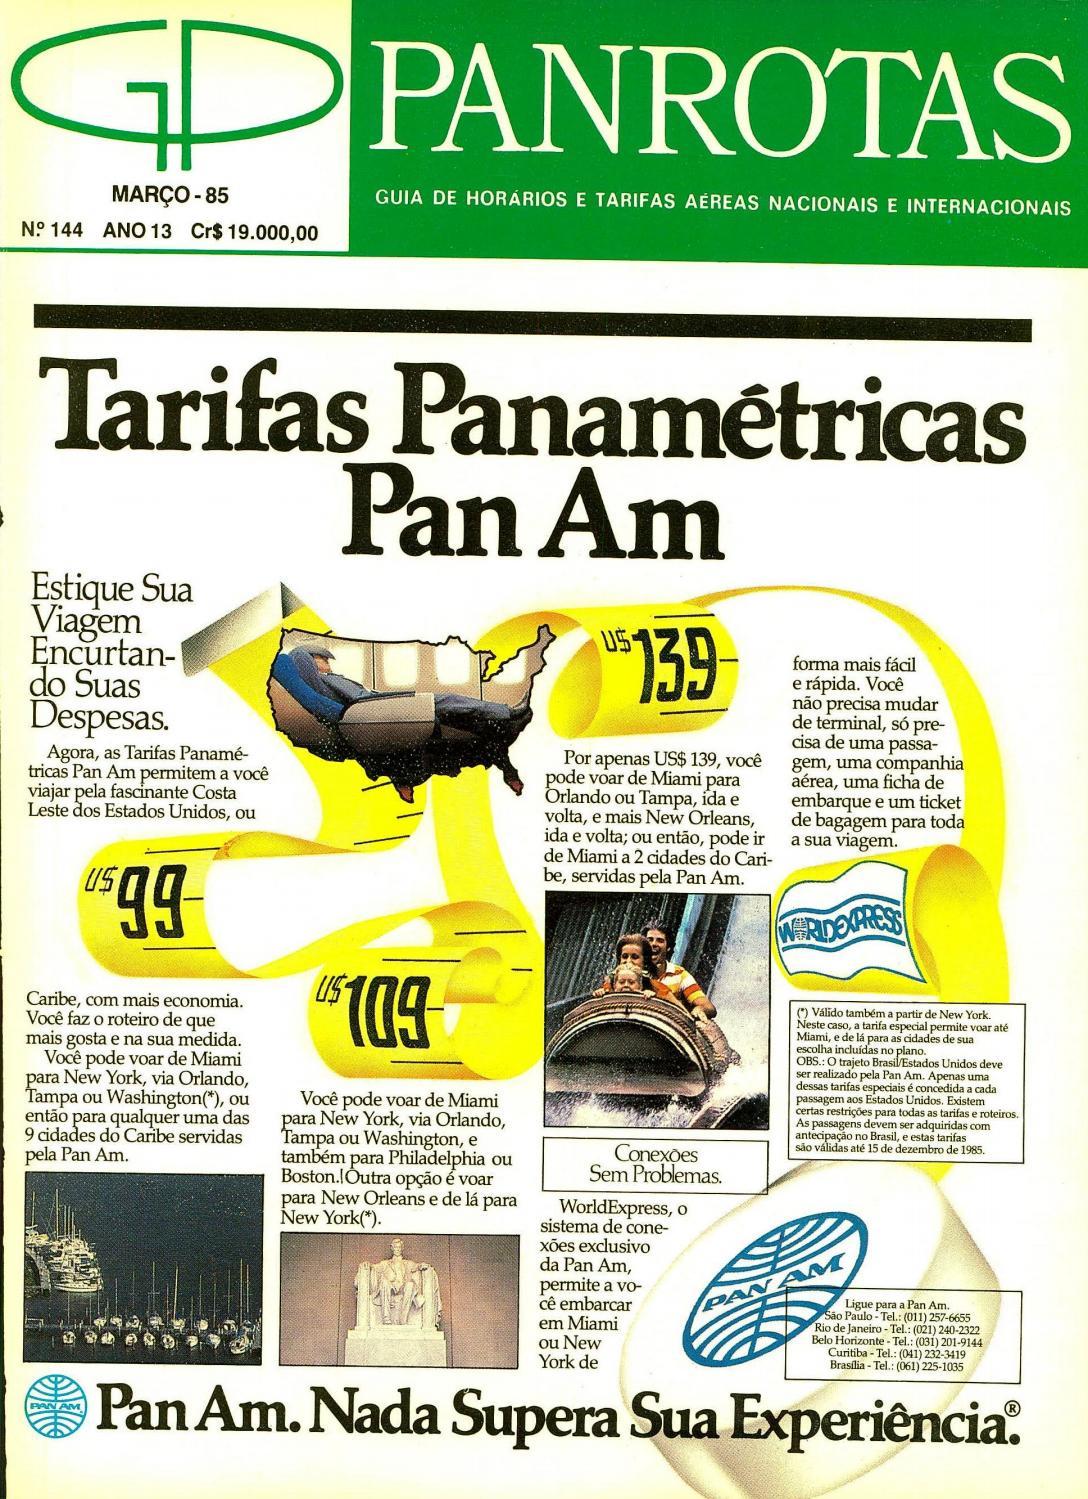 Guia PANROTAS - Edição 144 - Março 1985 by PANROTAS Editora - issuu 13da7e3ab0